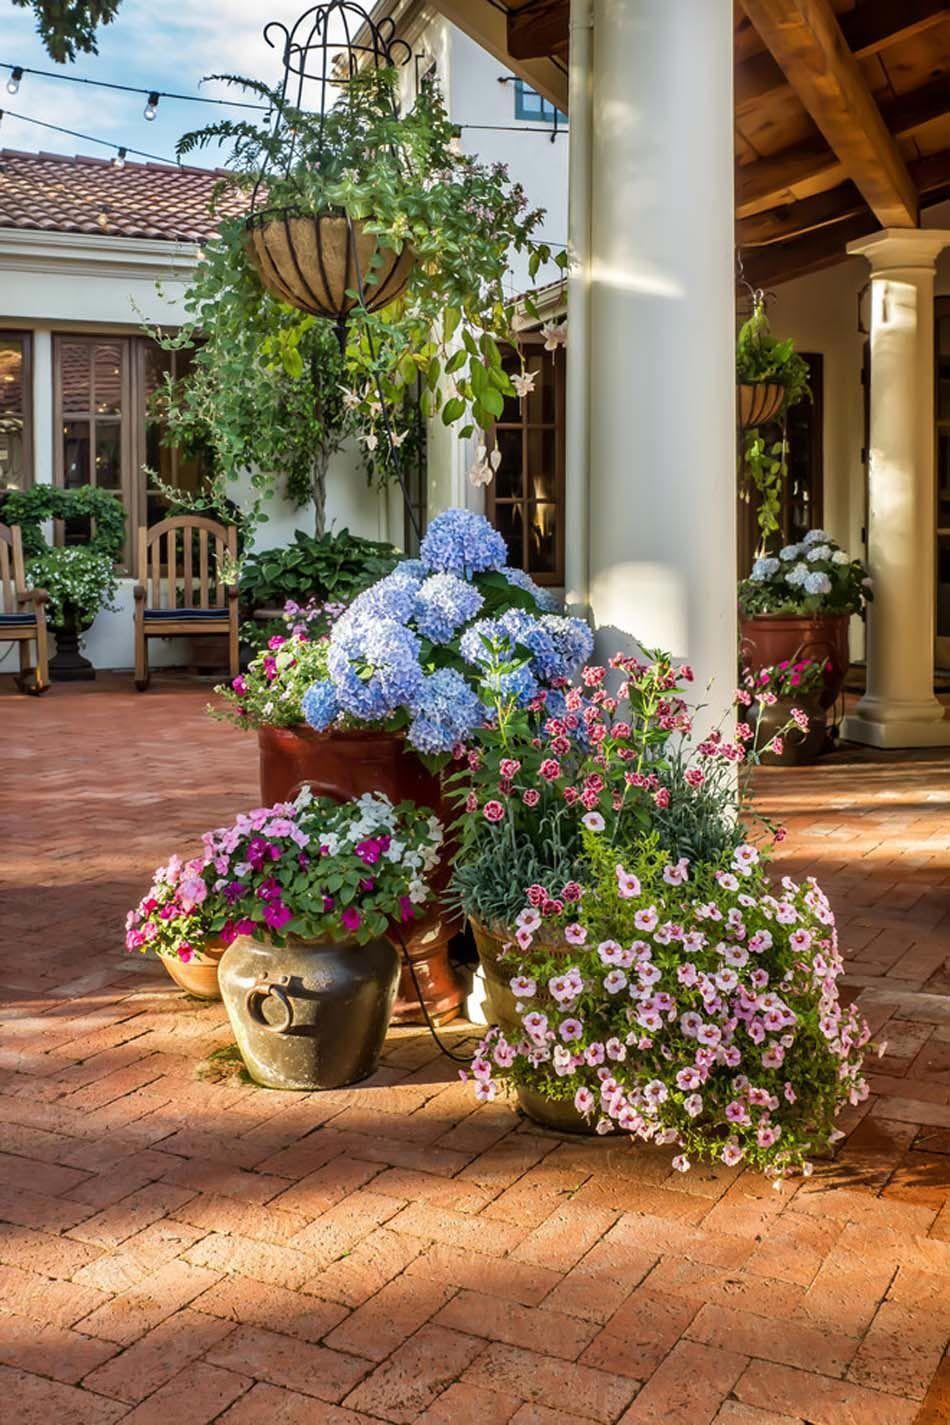 Plantes Fleuries En Pot Exterieur idée aménagement extérieur afin de créer une ambiance de